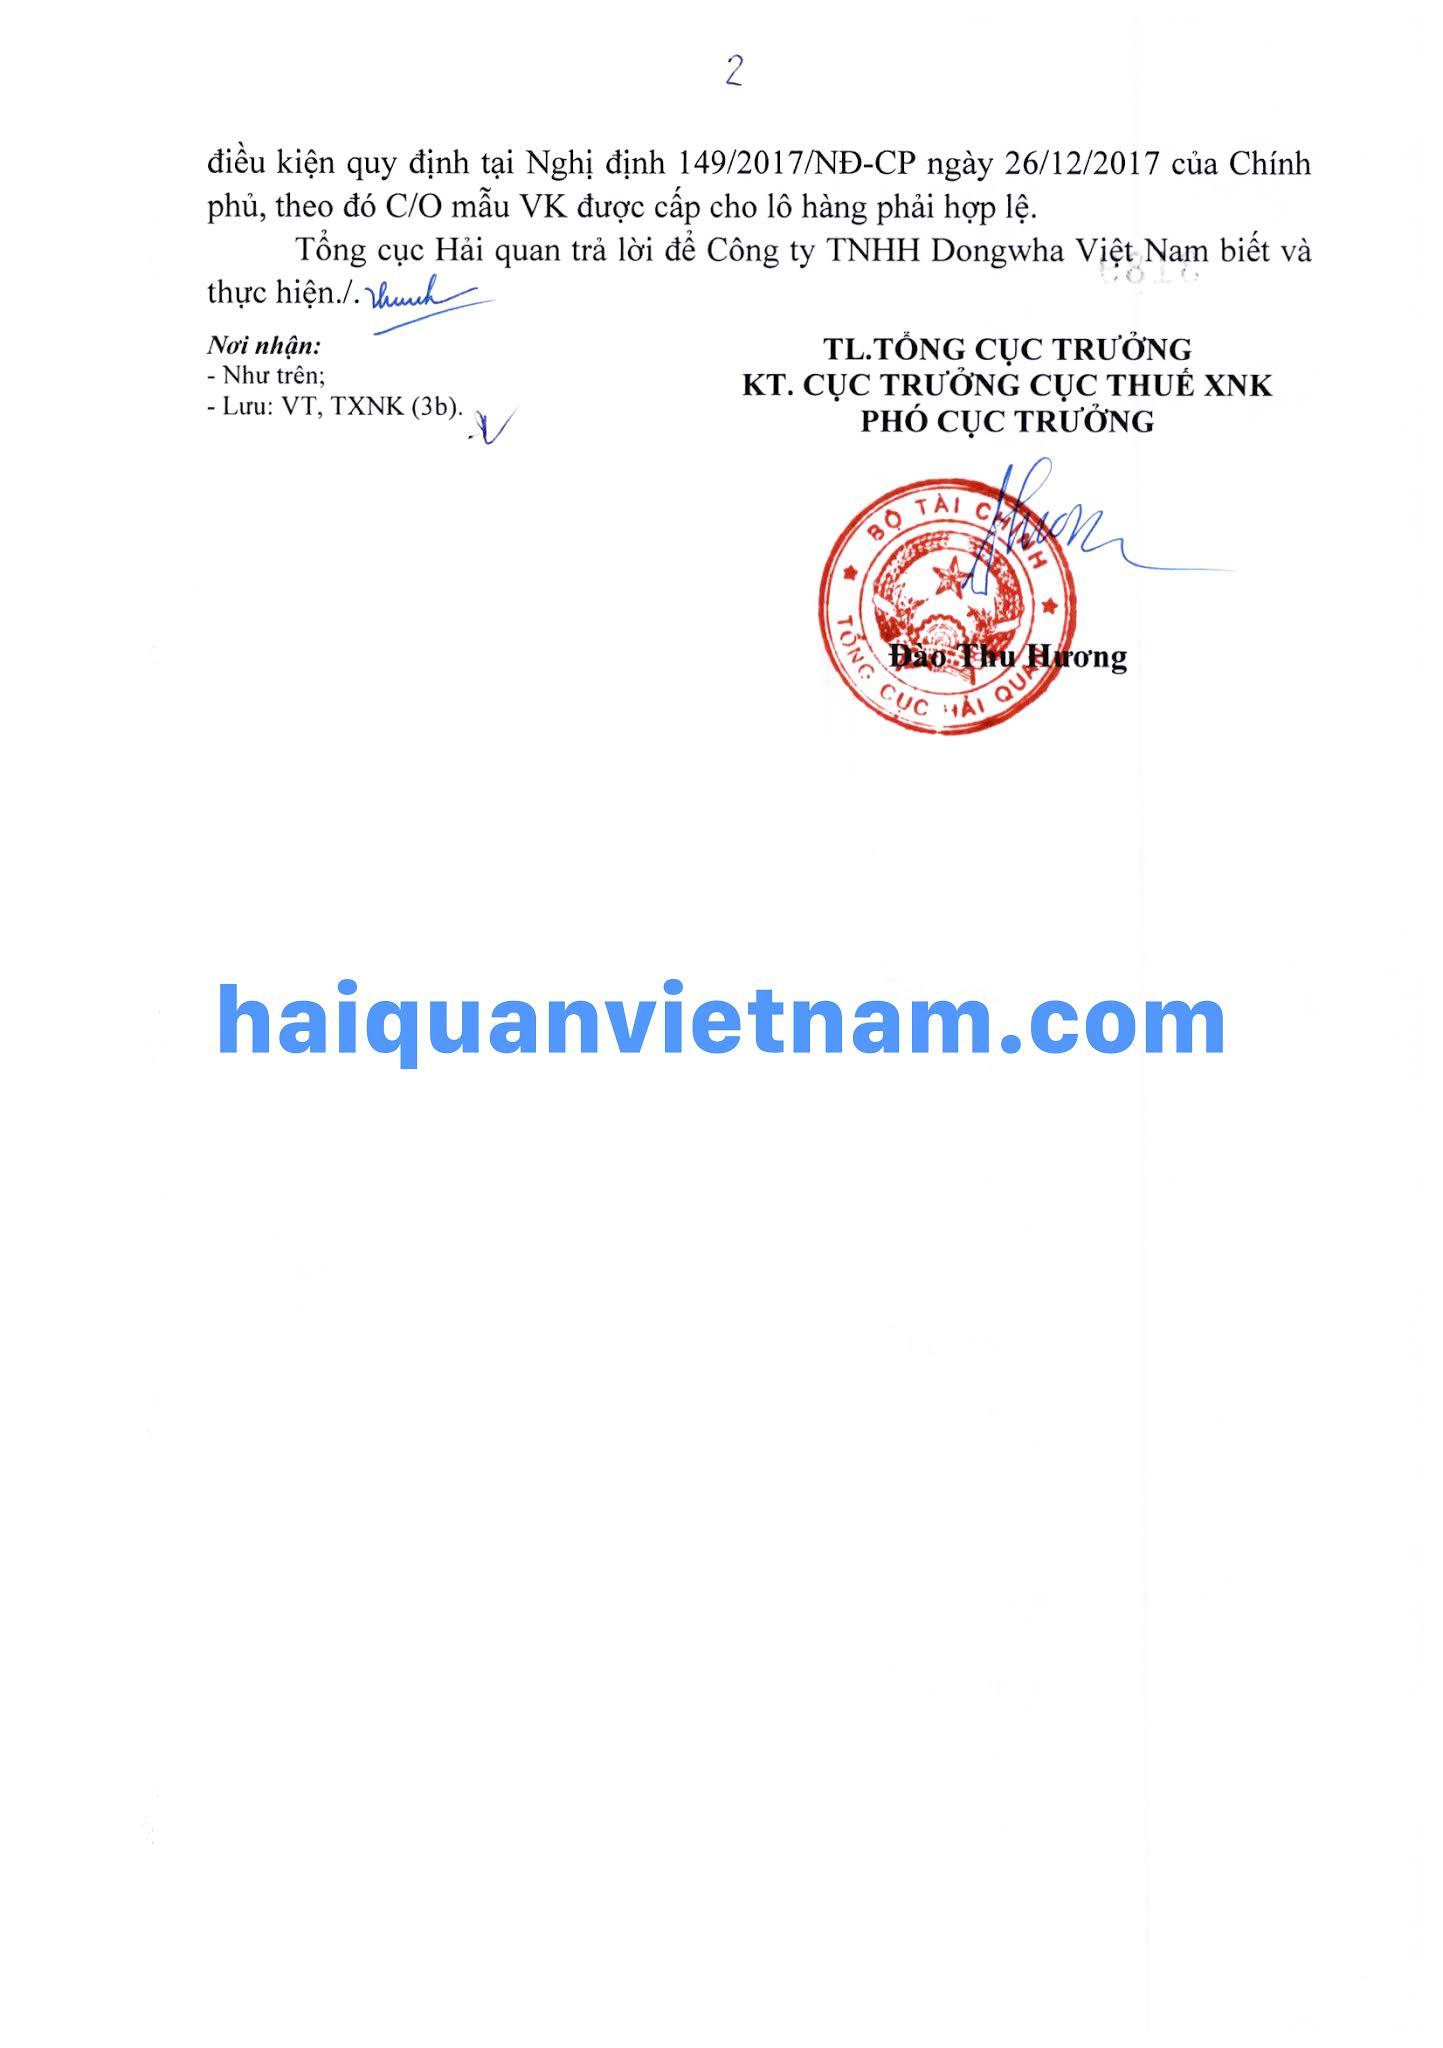 [Image: 210624%2B-%2B3189-TCHQ-TXNK_haiquanvietnam_02.jpg]